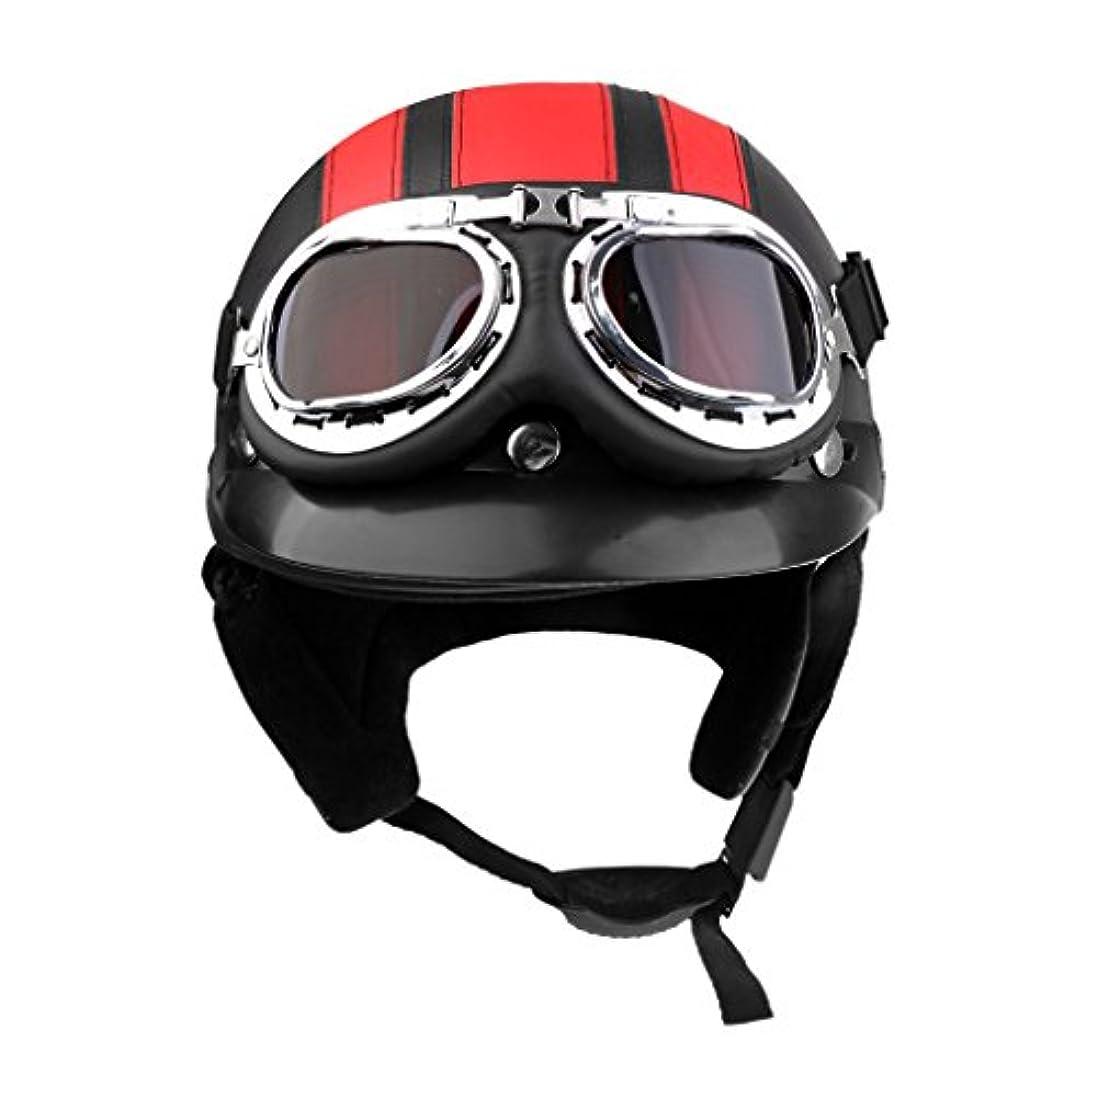 残り物工業化するカウントBaosity 男女兼用 ハーフ 帽子 ヘルメット キャップ ゴーグル付き 調節可能 バイザー付き 防水 防風 防雨 オートバイ 登山 全9色